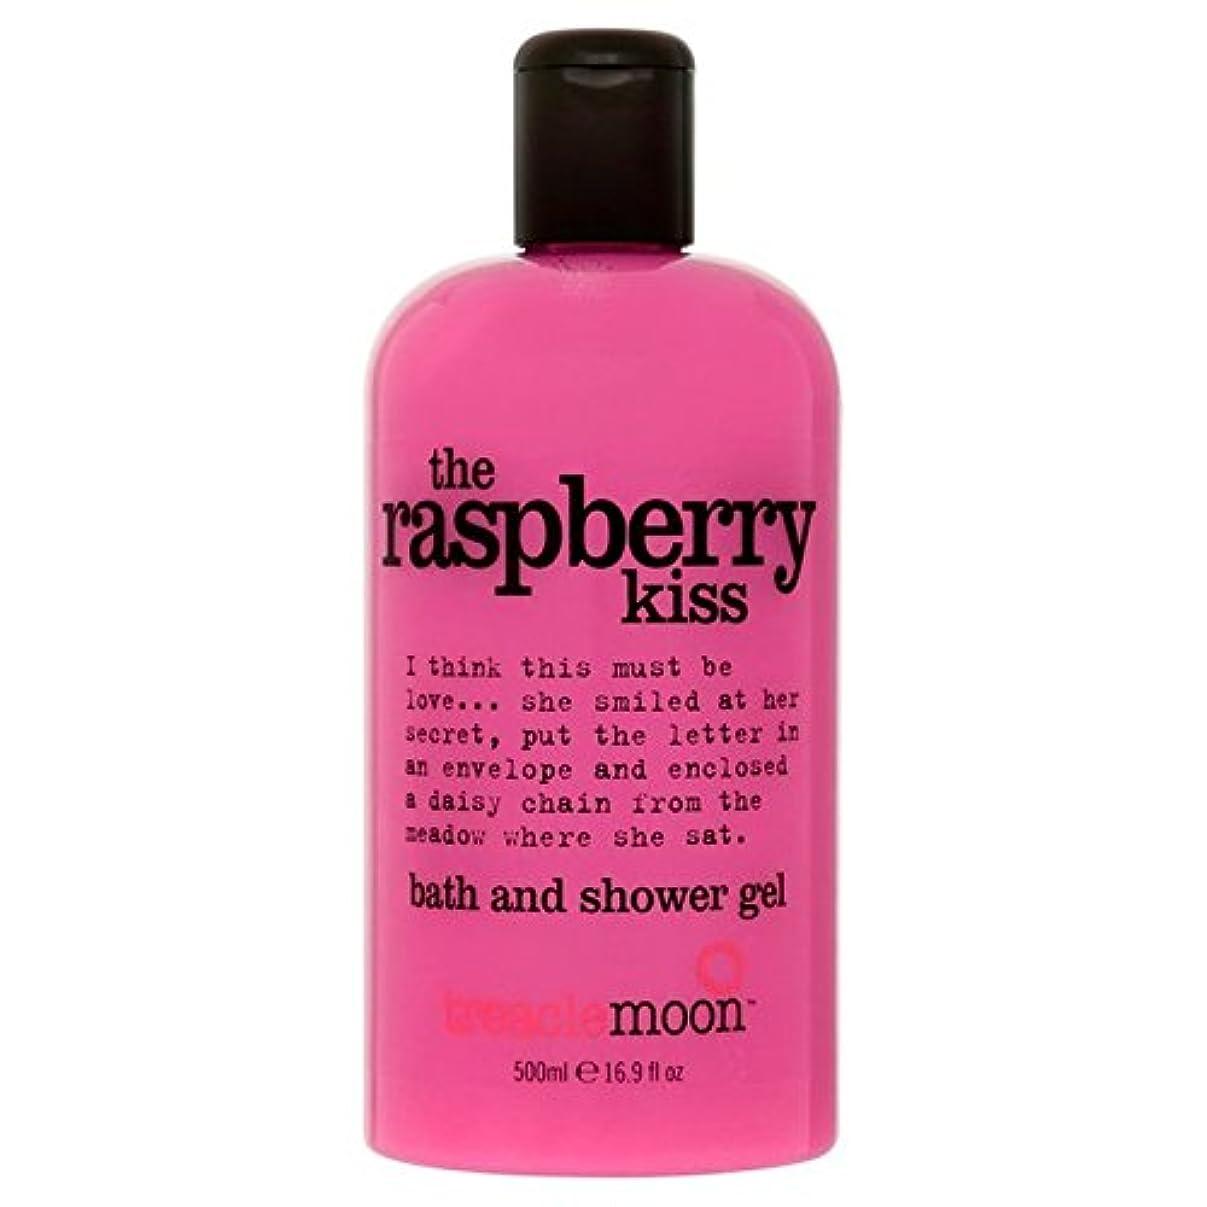 測定ロイヤリティ潜在的な糖蜜ムーンラズベリーバス&シャワージェル500ミリリットル x2 - Treacle Moon Raspberry Bath & Shower Gel 500ml (Pack of 2) [並行輸入品]